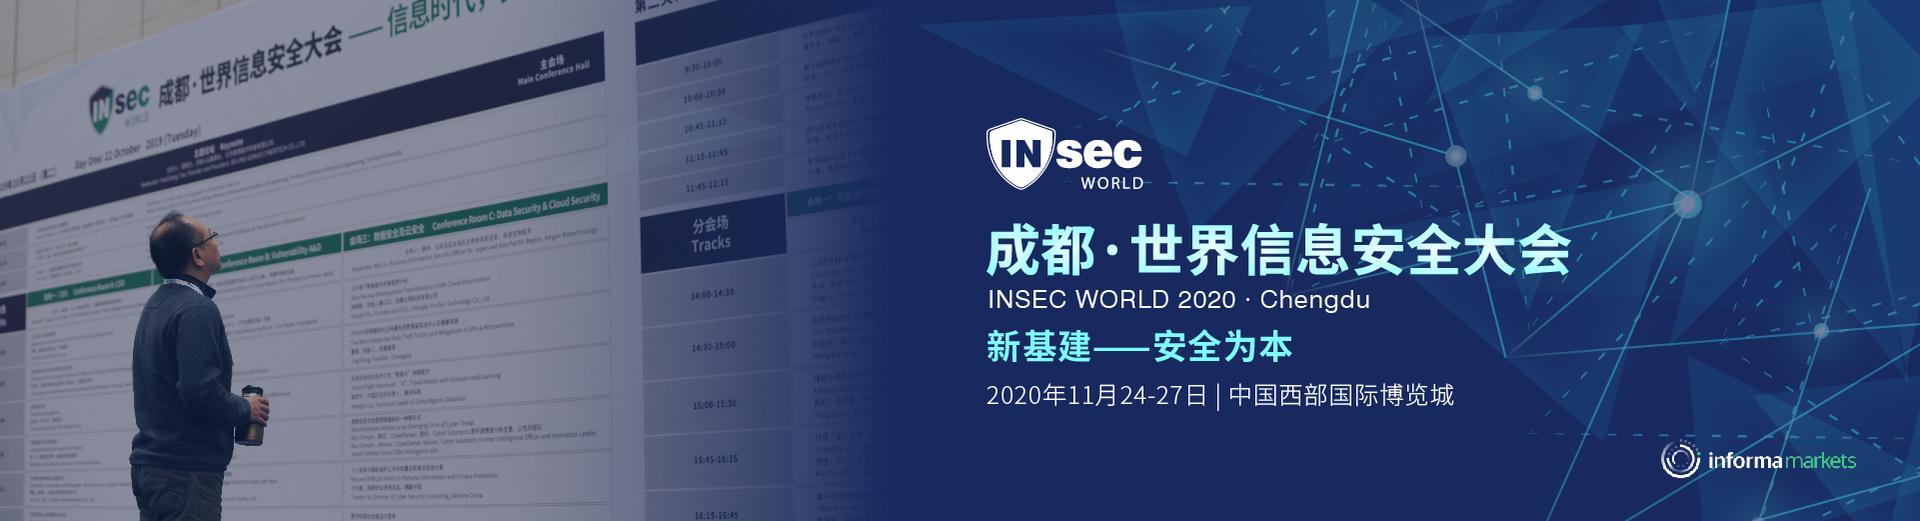 成都·世界信息安全大会 INSEC WORLD